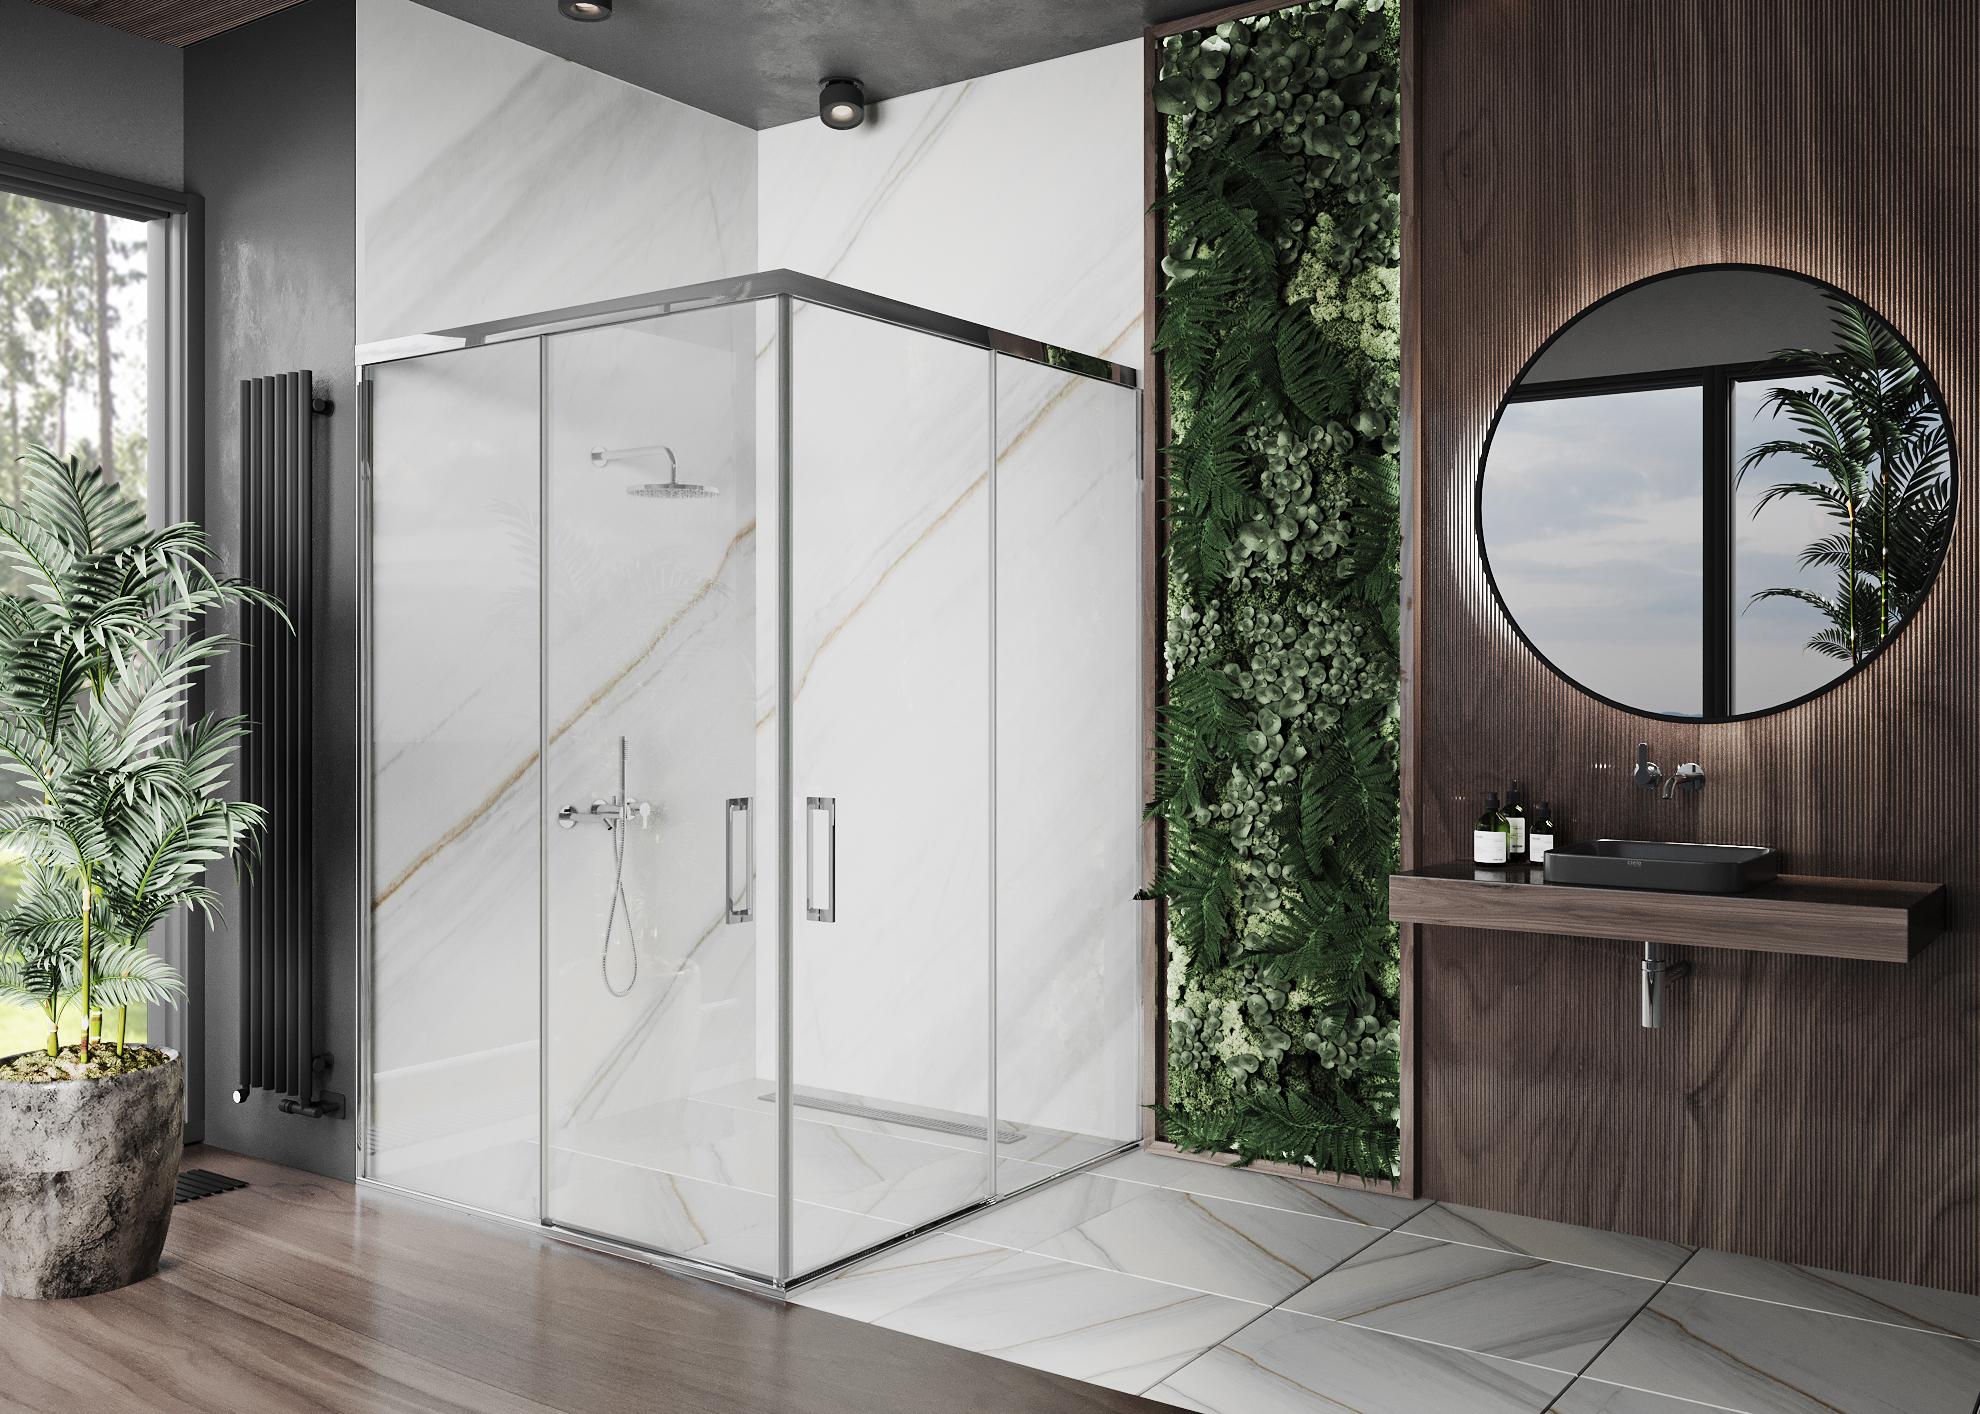 Душевая перегородка с раздвижными дверями Premium Casa d'acqua-105